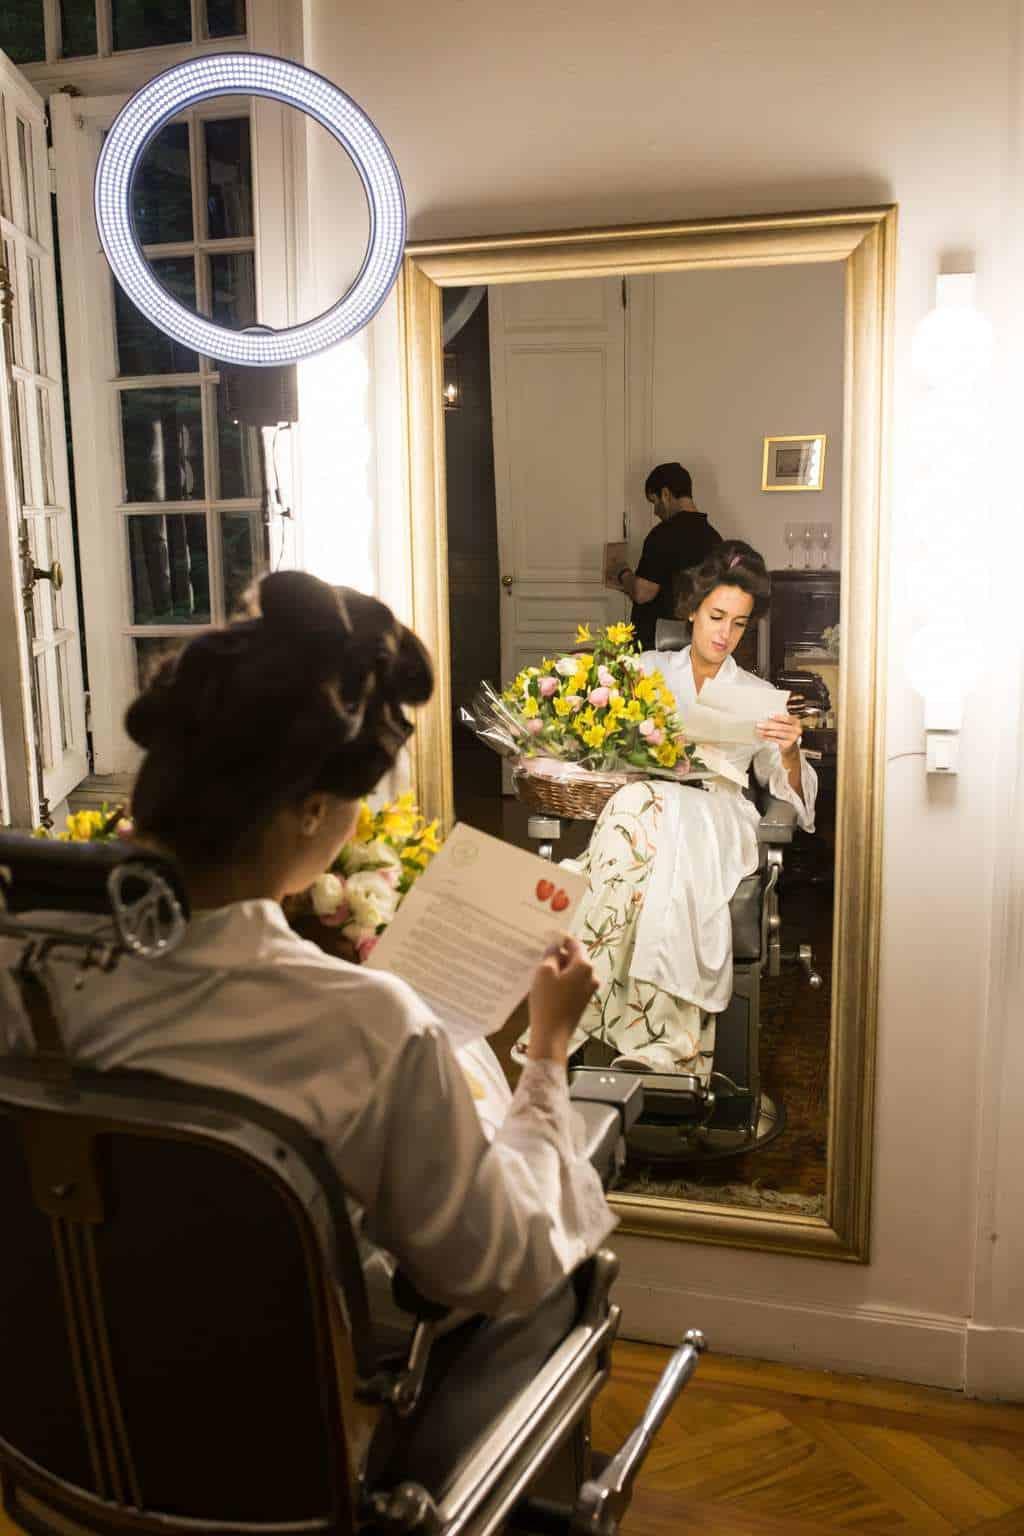 casamento-fernanda-e-leandro-casamento-sp-Fotografia-Produtora-7-casamento-clássico-casamento-tradicional-wedding-8